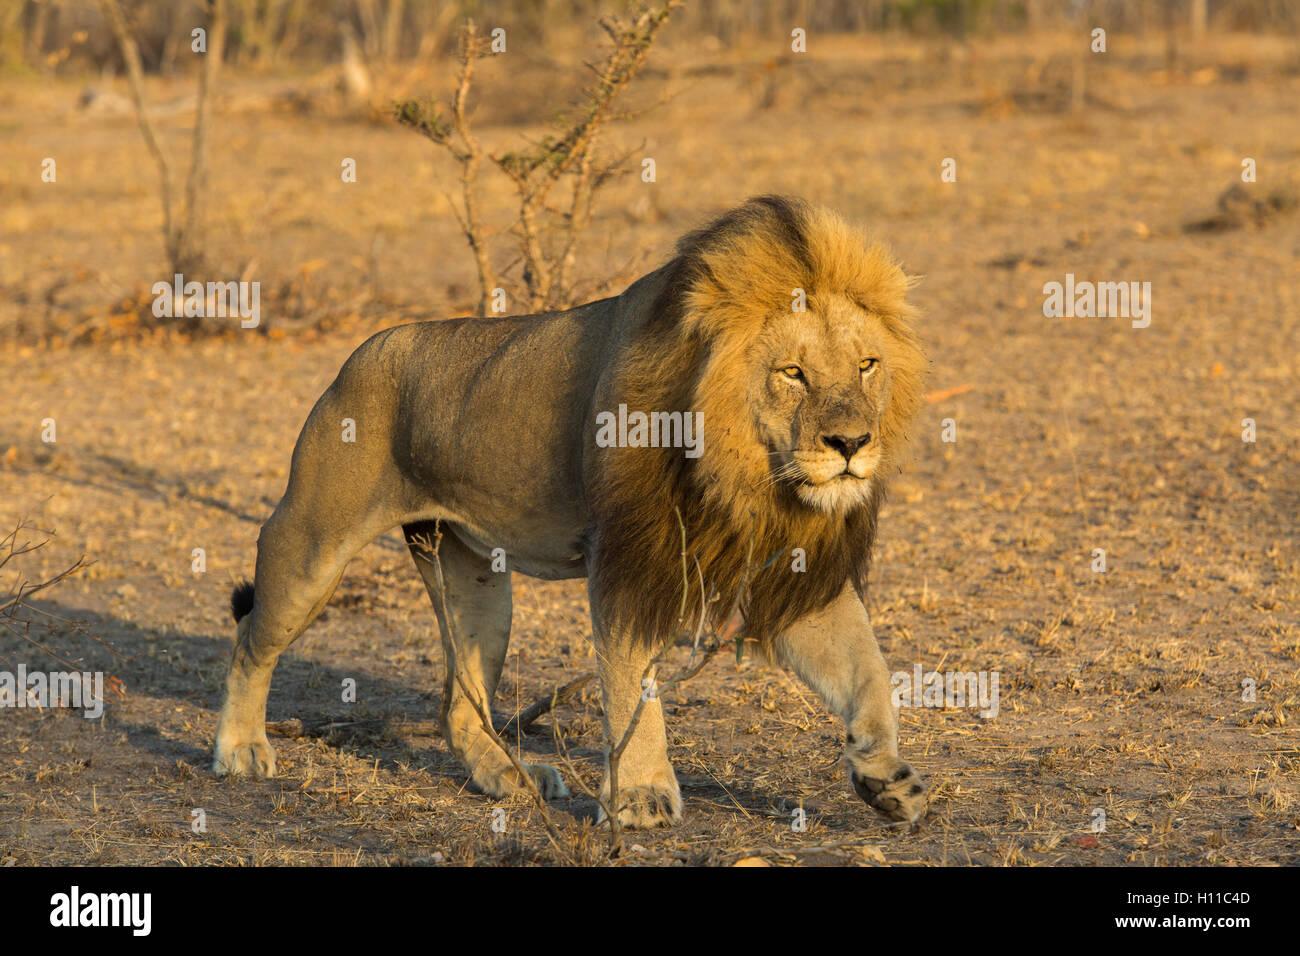 Grand male lion (Panthera leo) en mouvement dans un éclairage chaleureux Photo Stock